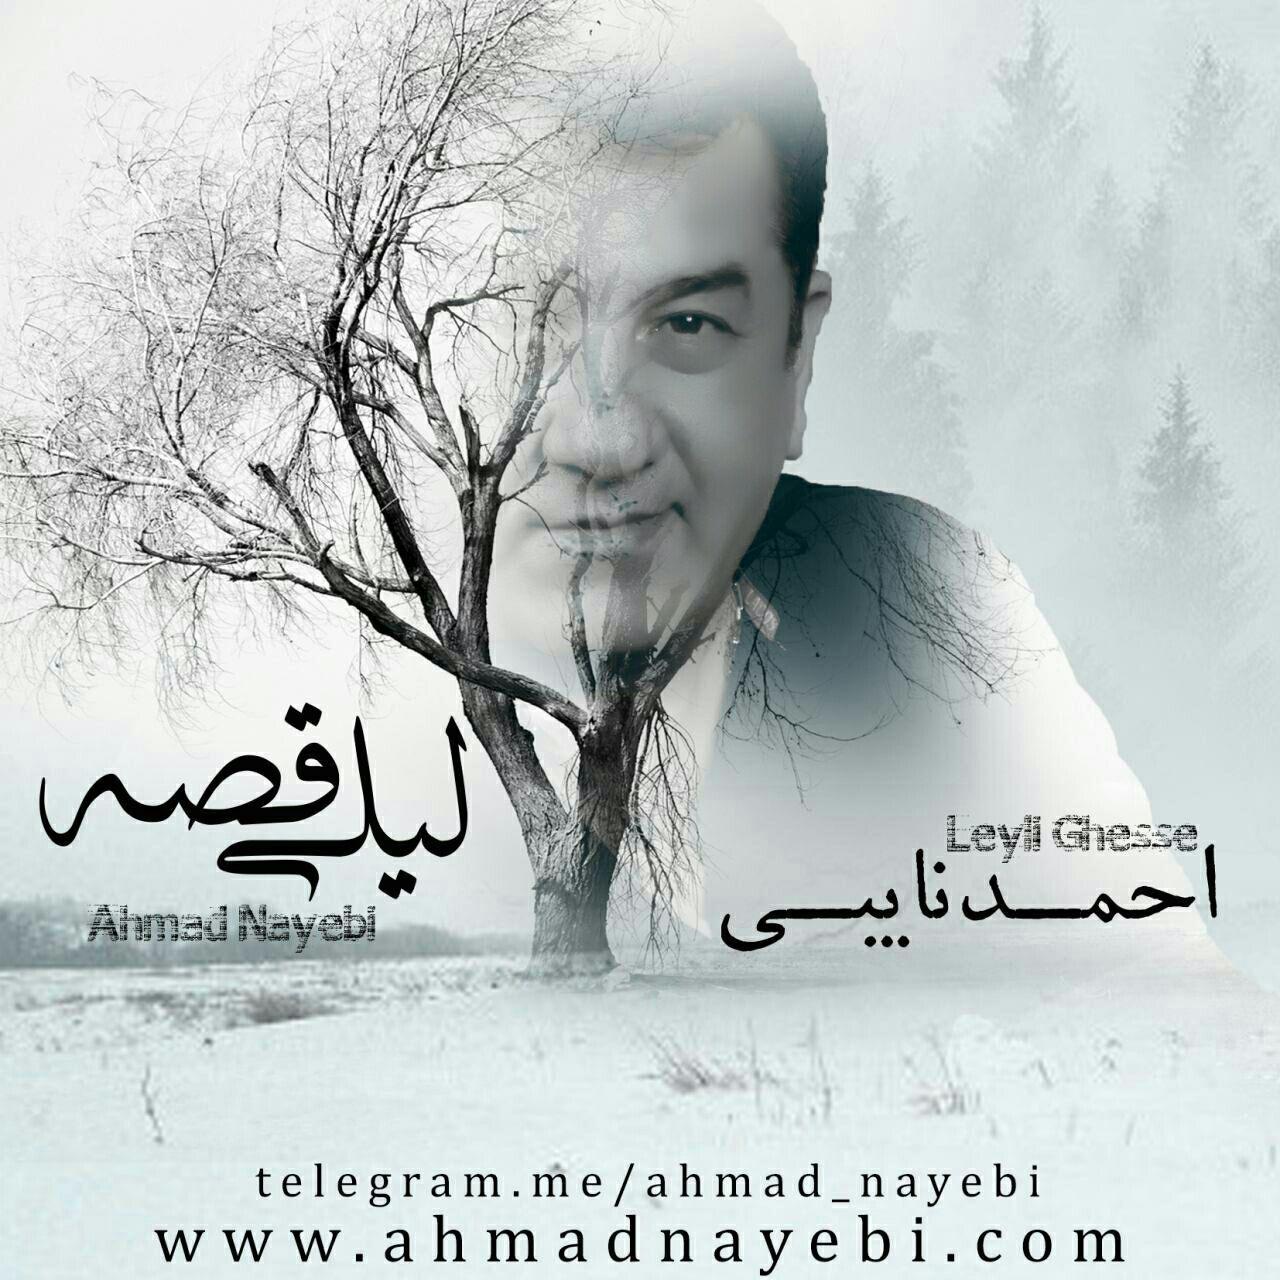 دانلود آهنگ جدید احمد نایبی به نام لیلی قصه